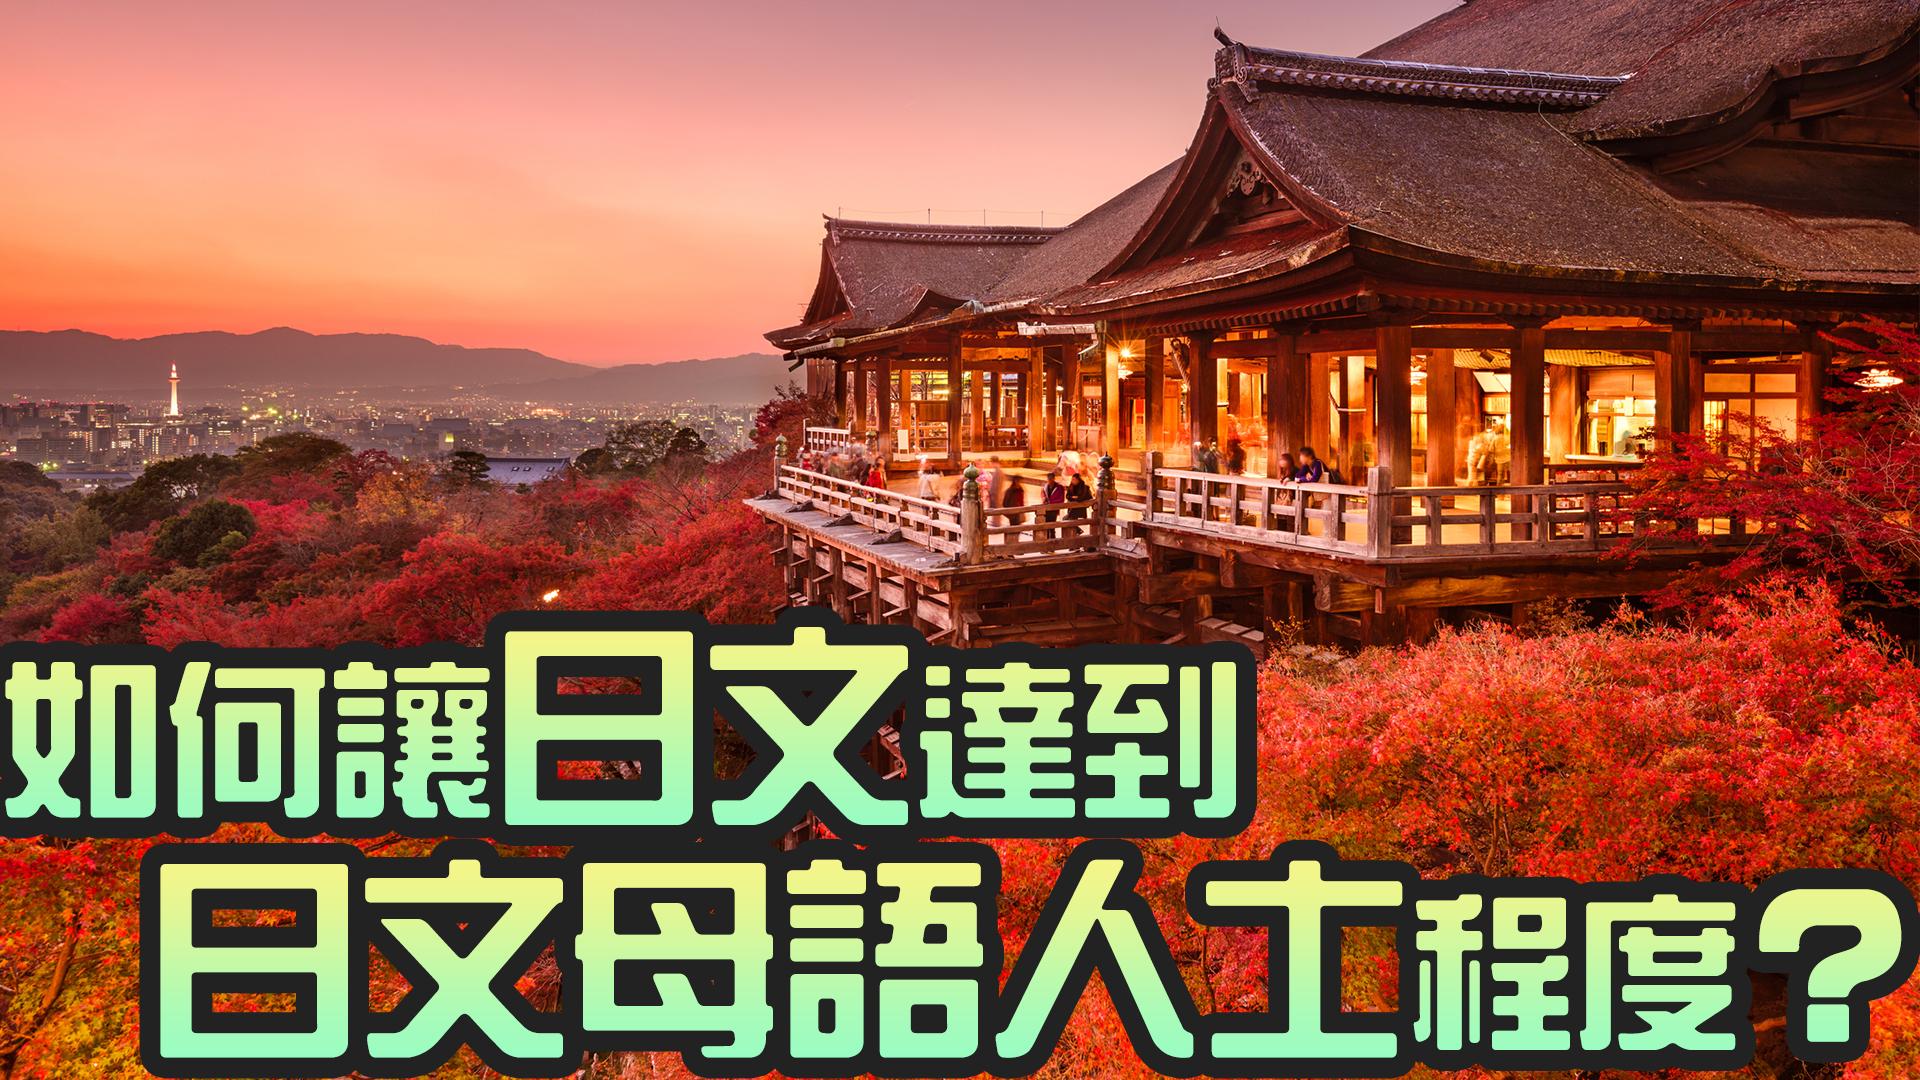 為什麼你的日文能力,沒辦法像個日文母語人士?你和日文程度好的人的差異!/ネイティブレベルに行ける人と行けない人ー決定的な違い